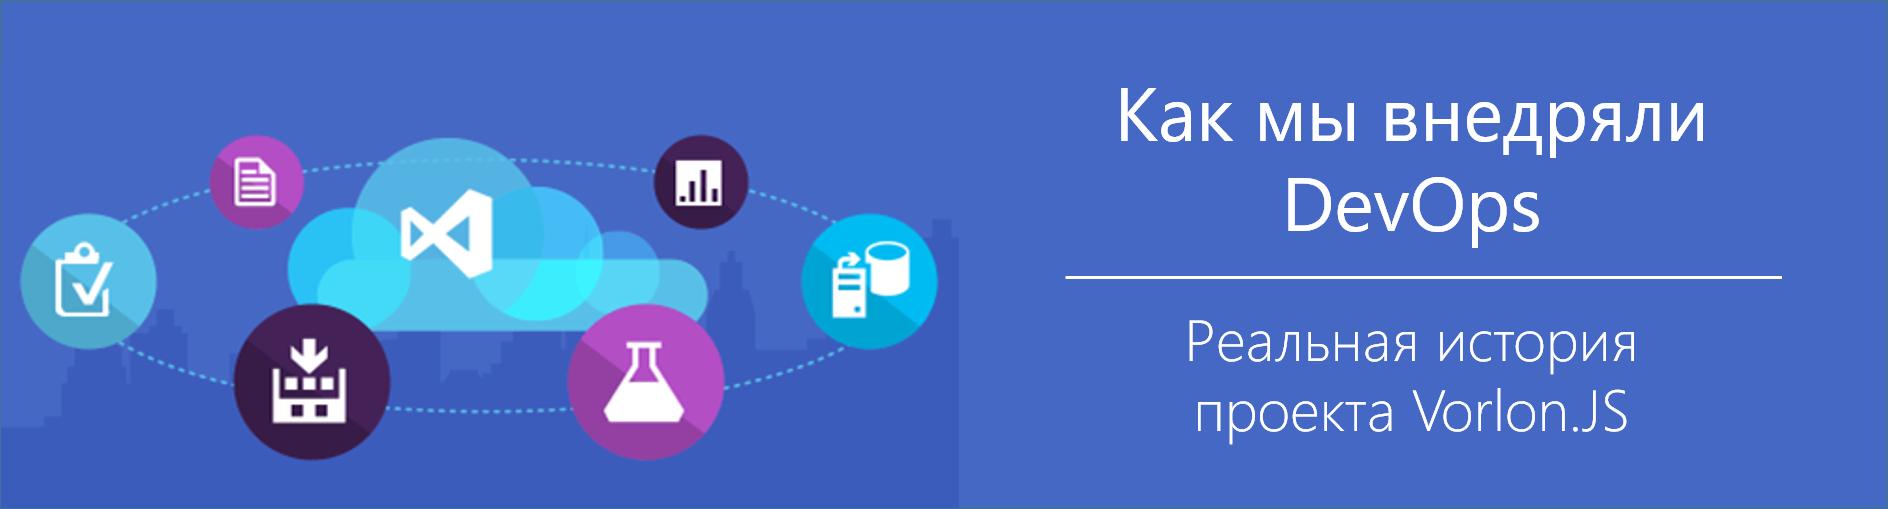 Как мы внедряли DevOps: планирование и управление проектами с помощью Visual Studio Team Services - 1